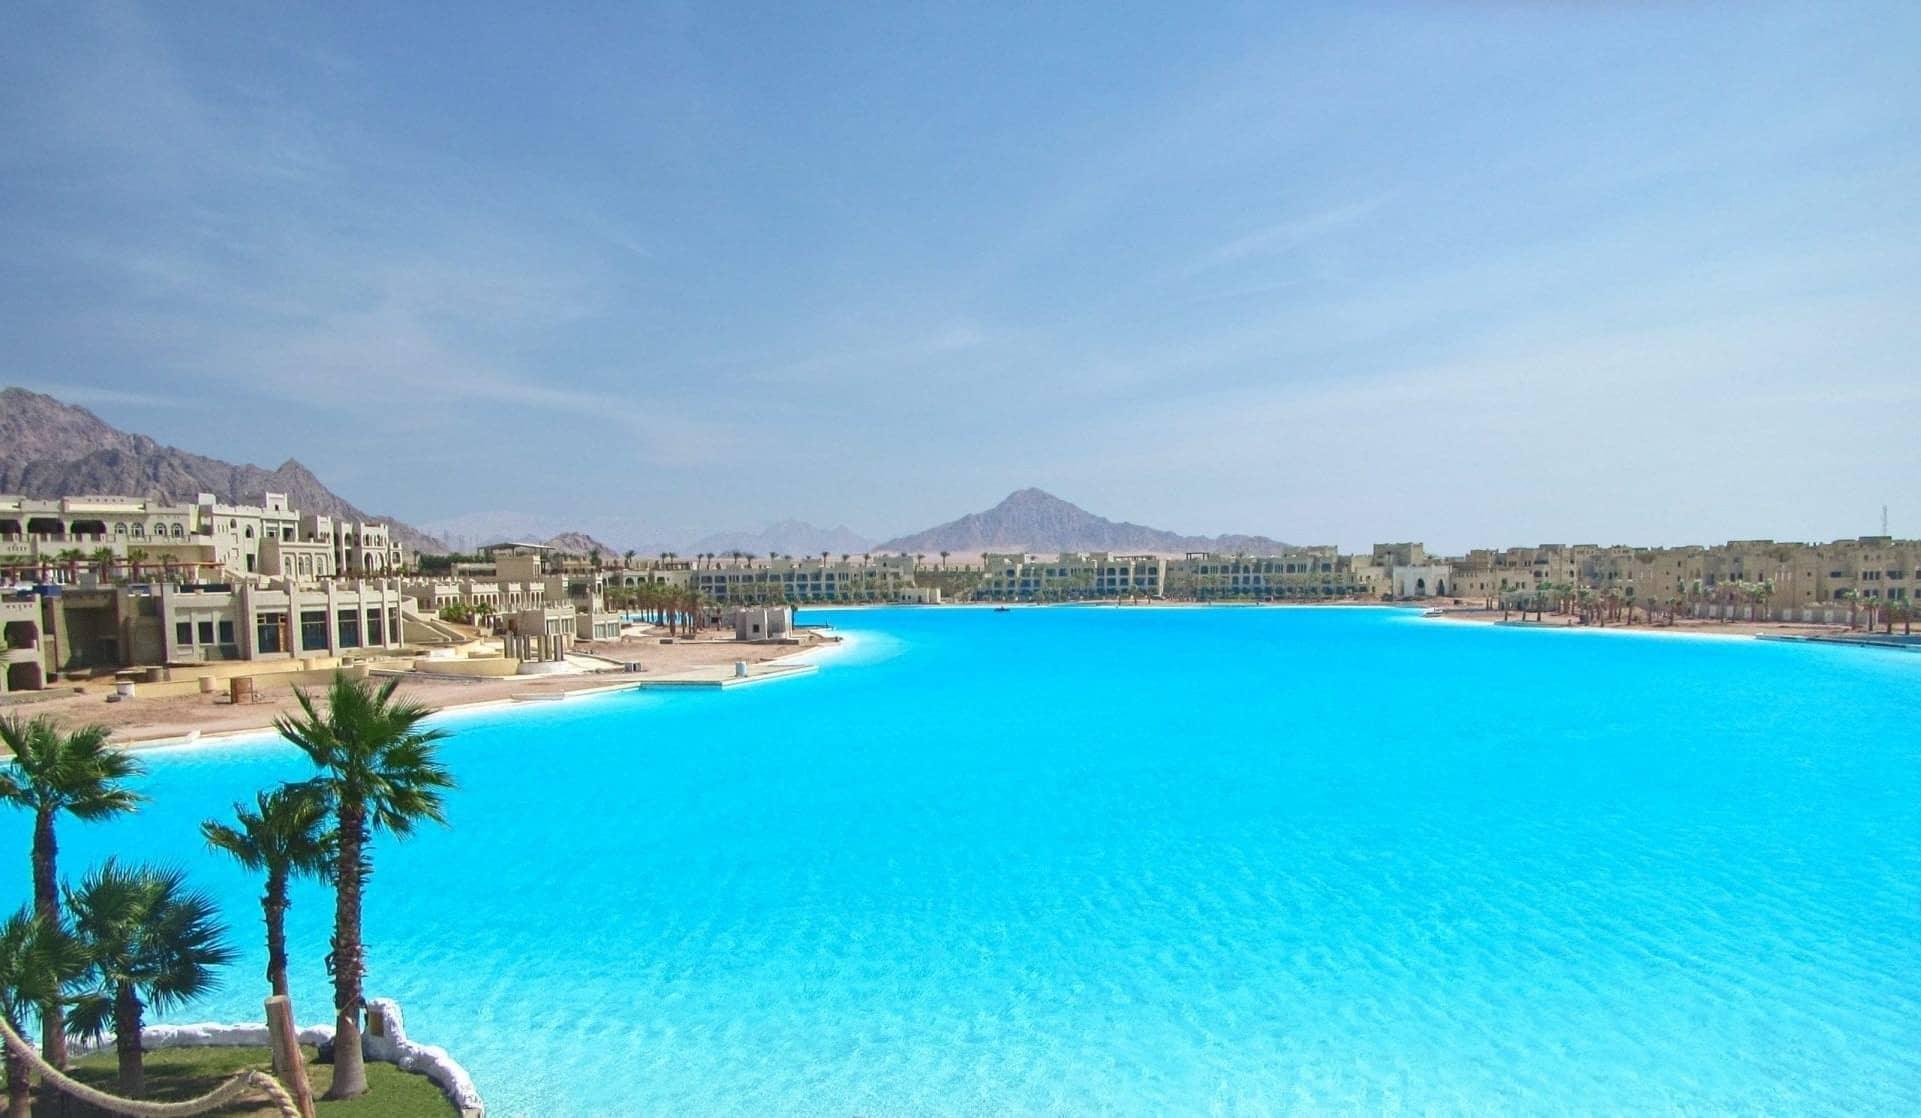 Citystars Sharm El Sheik, una de las piscinas más grandes del mundo.